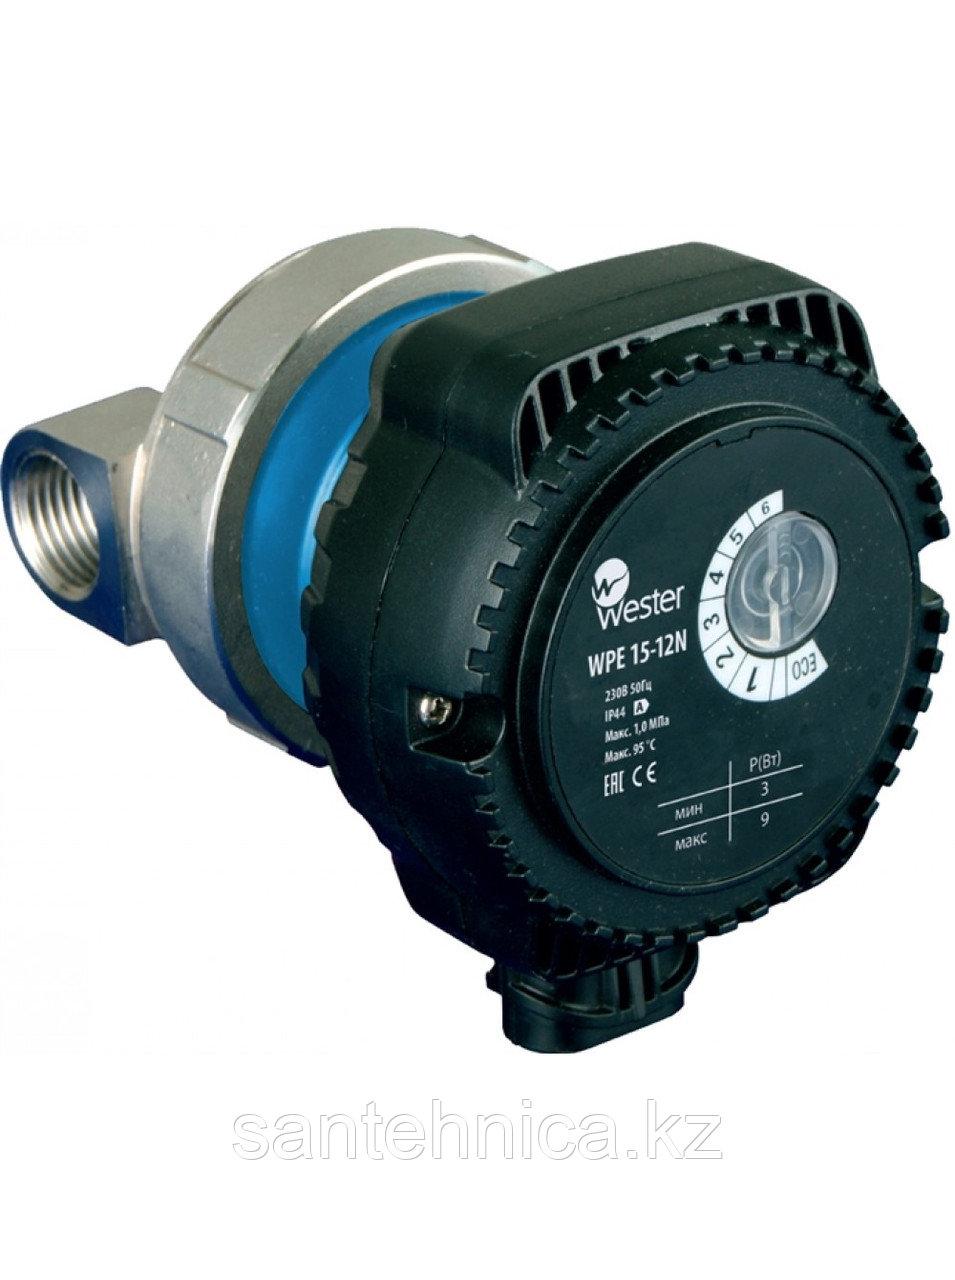 Циркуляционный насос для горячего водоснабжения WPE 15-12N Wester